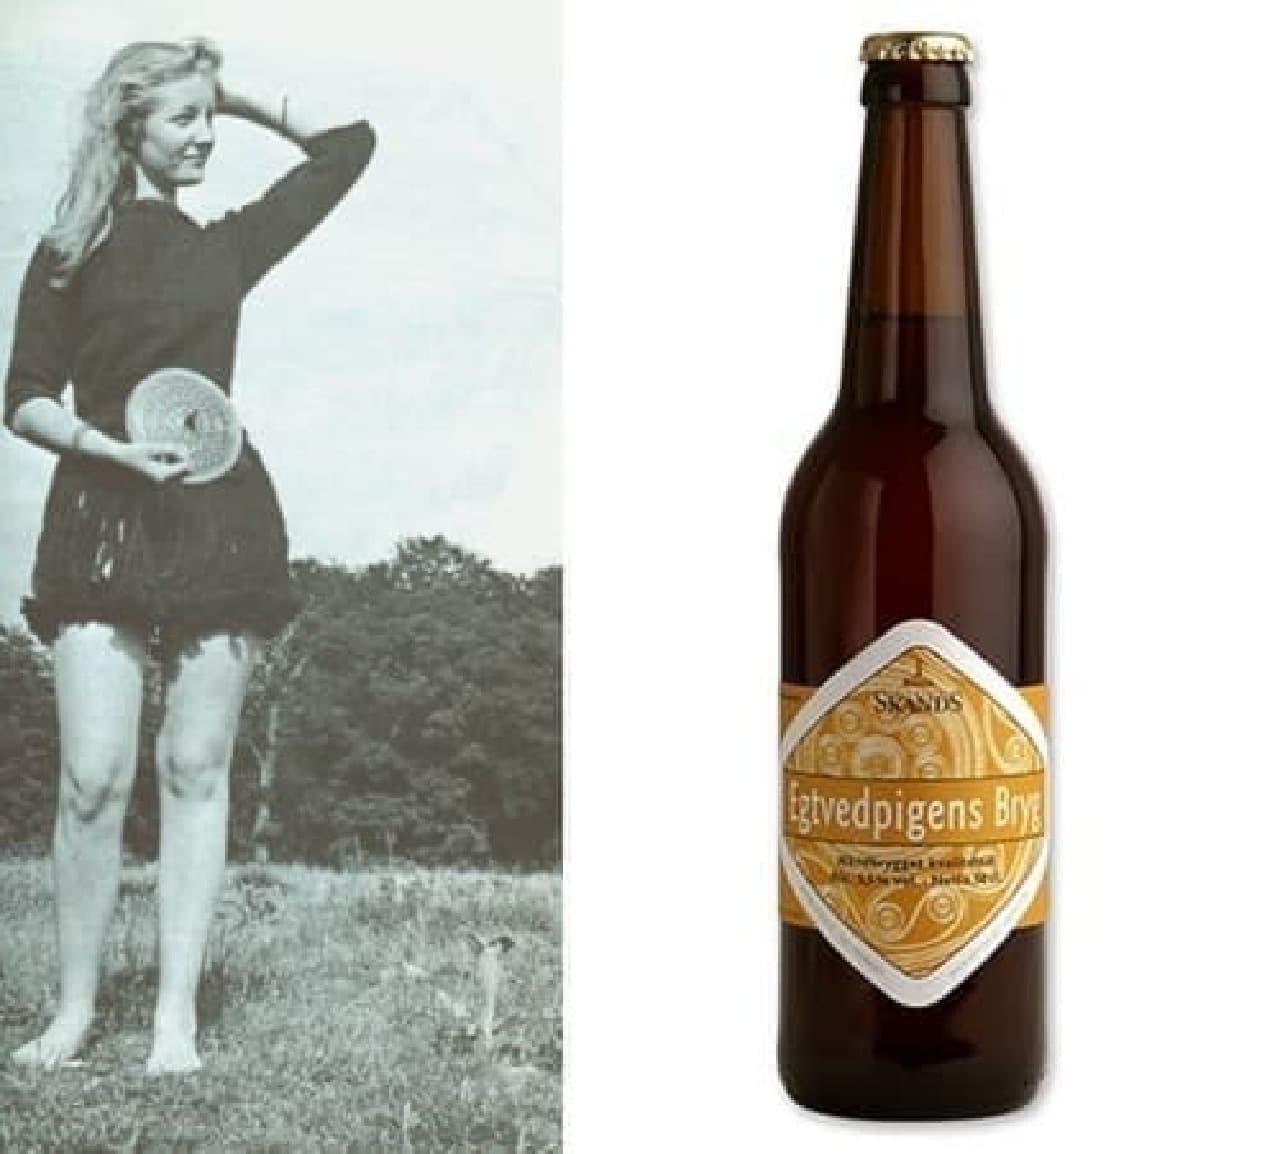 左はエクトヴィズガールのイメージ(出典:Wikipedia)  右は当時の味を再現したエクトヴィズガール ビール